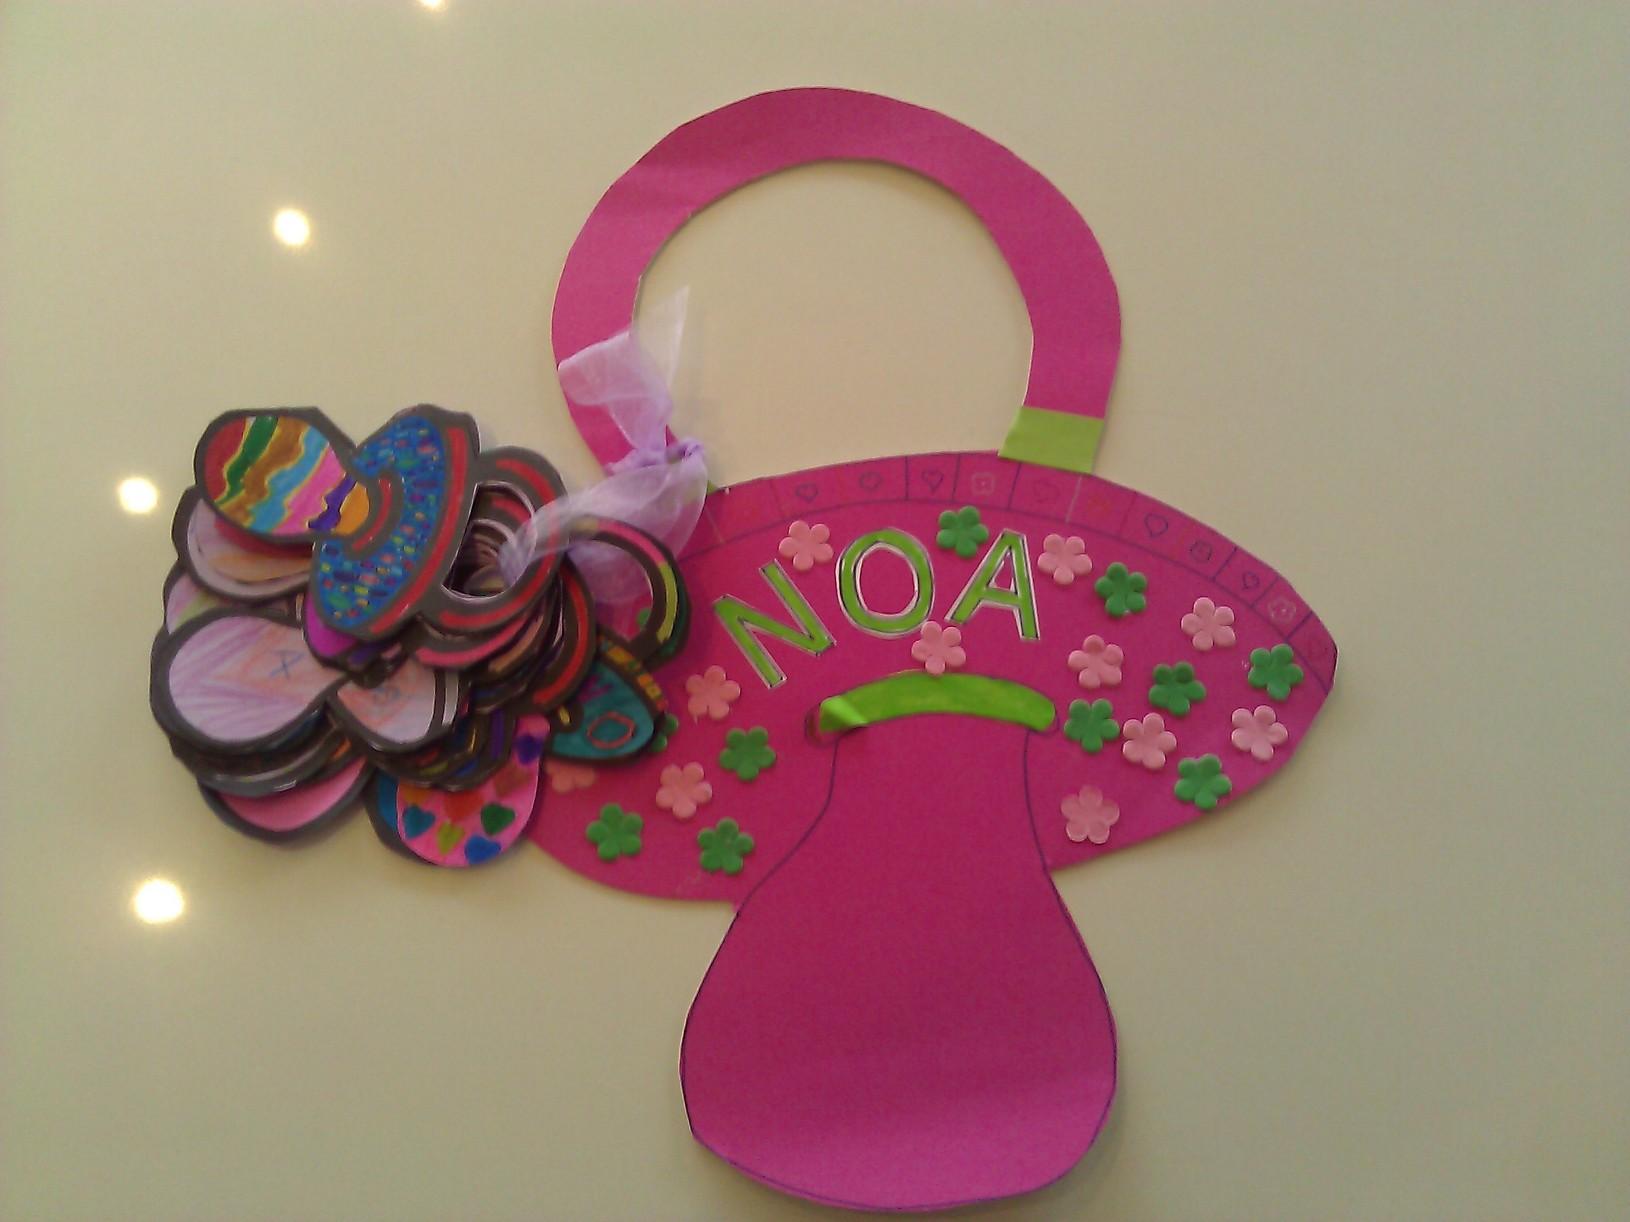 Noa - Baby meisje idee ...